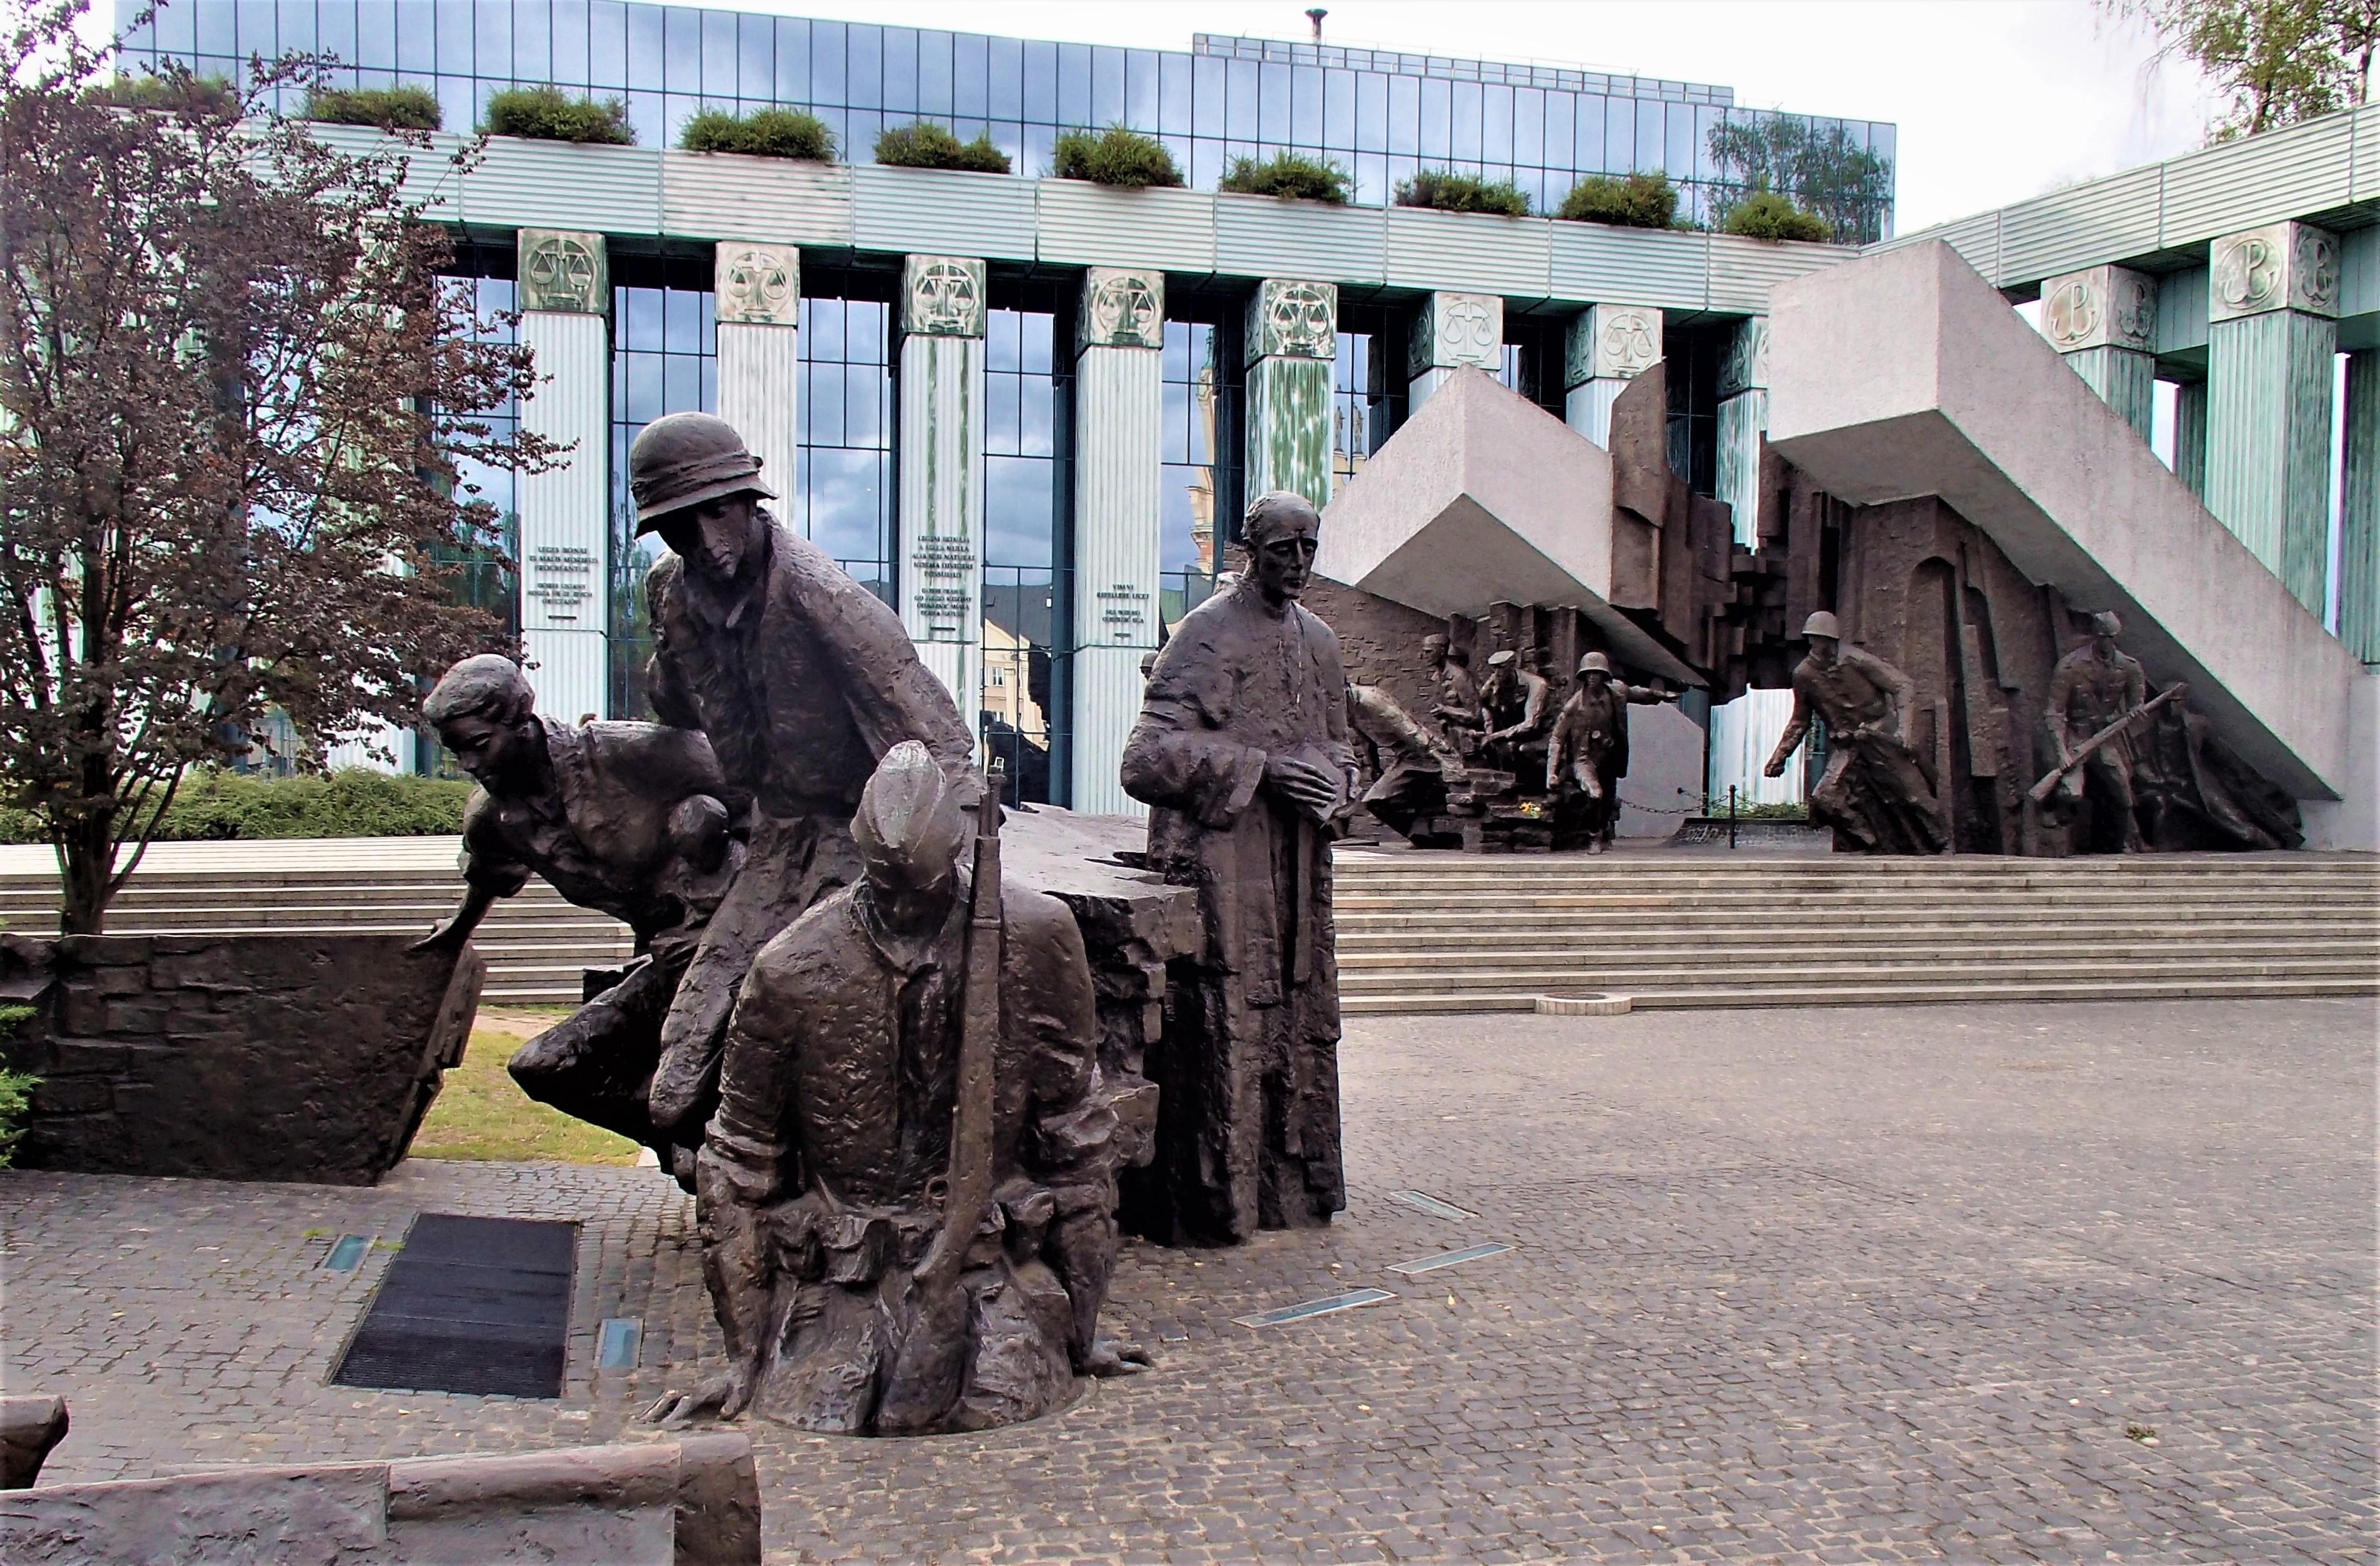 File:Pomnik Powstania Warszawskiego na pl. Krasińskich.jpg - Wikimedia Commons